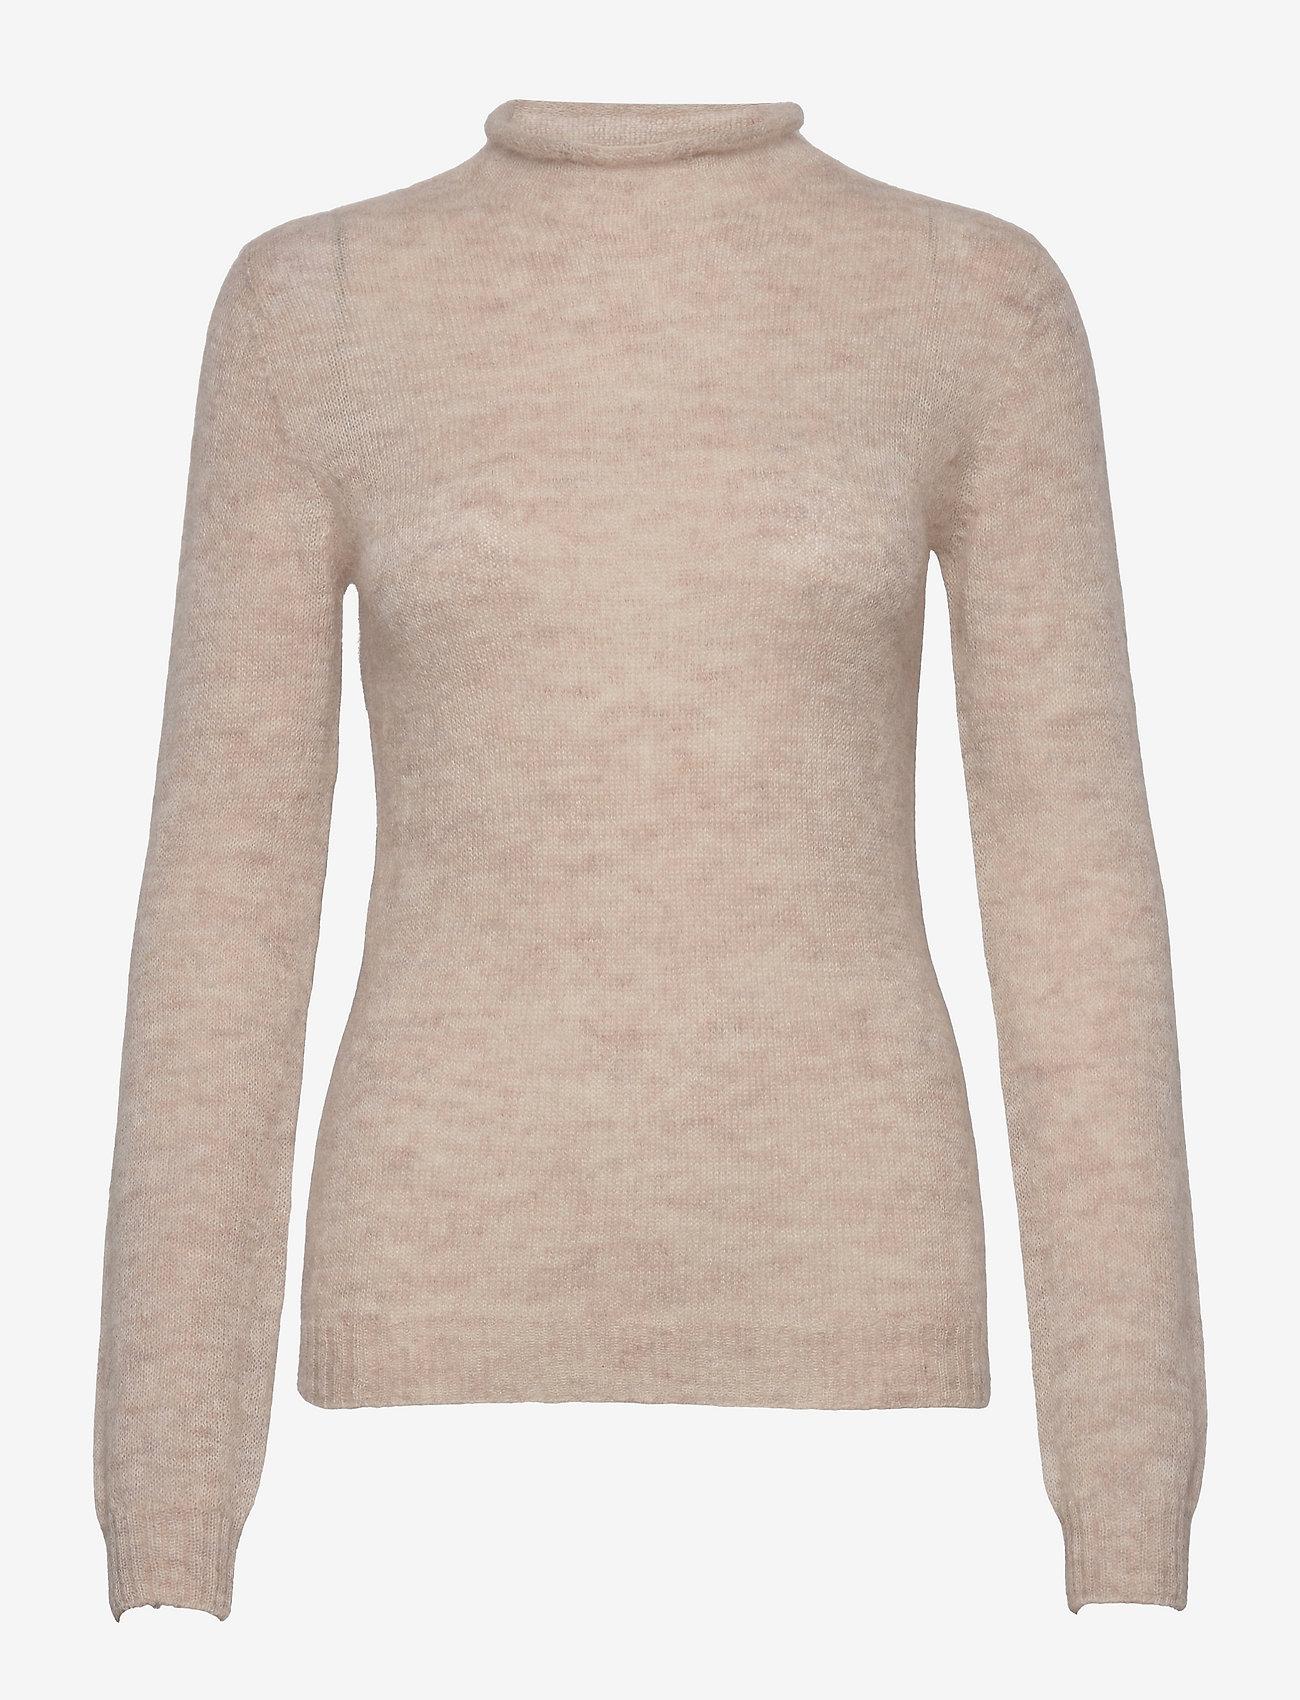 Max Mara Leisure - ODER - sweaters - beige - 0